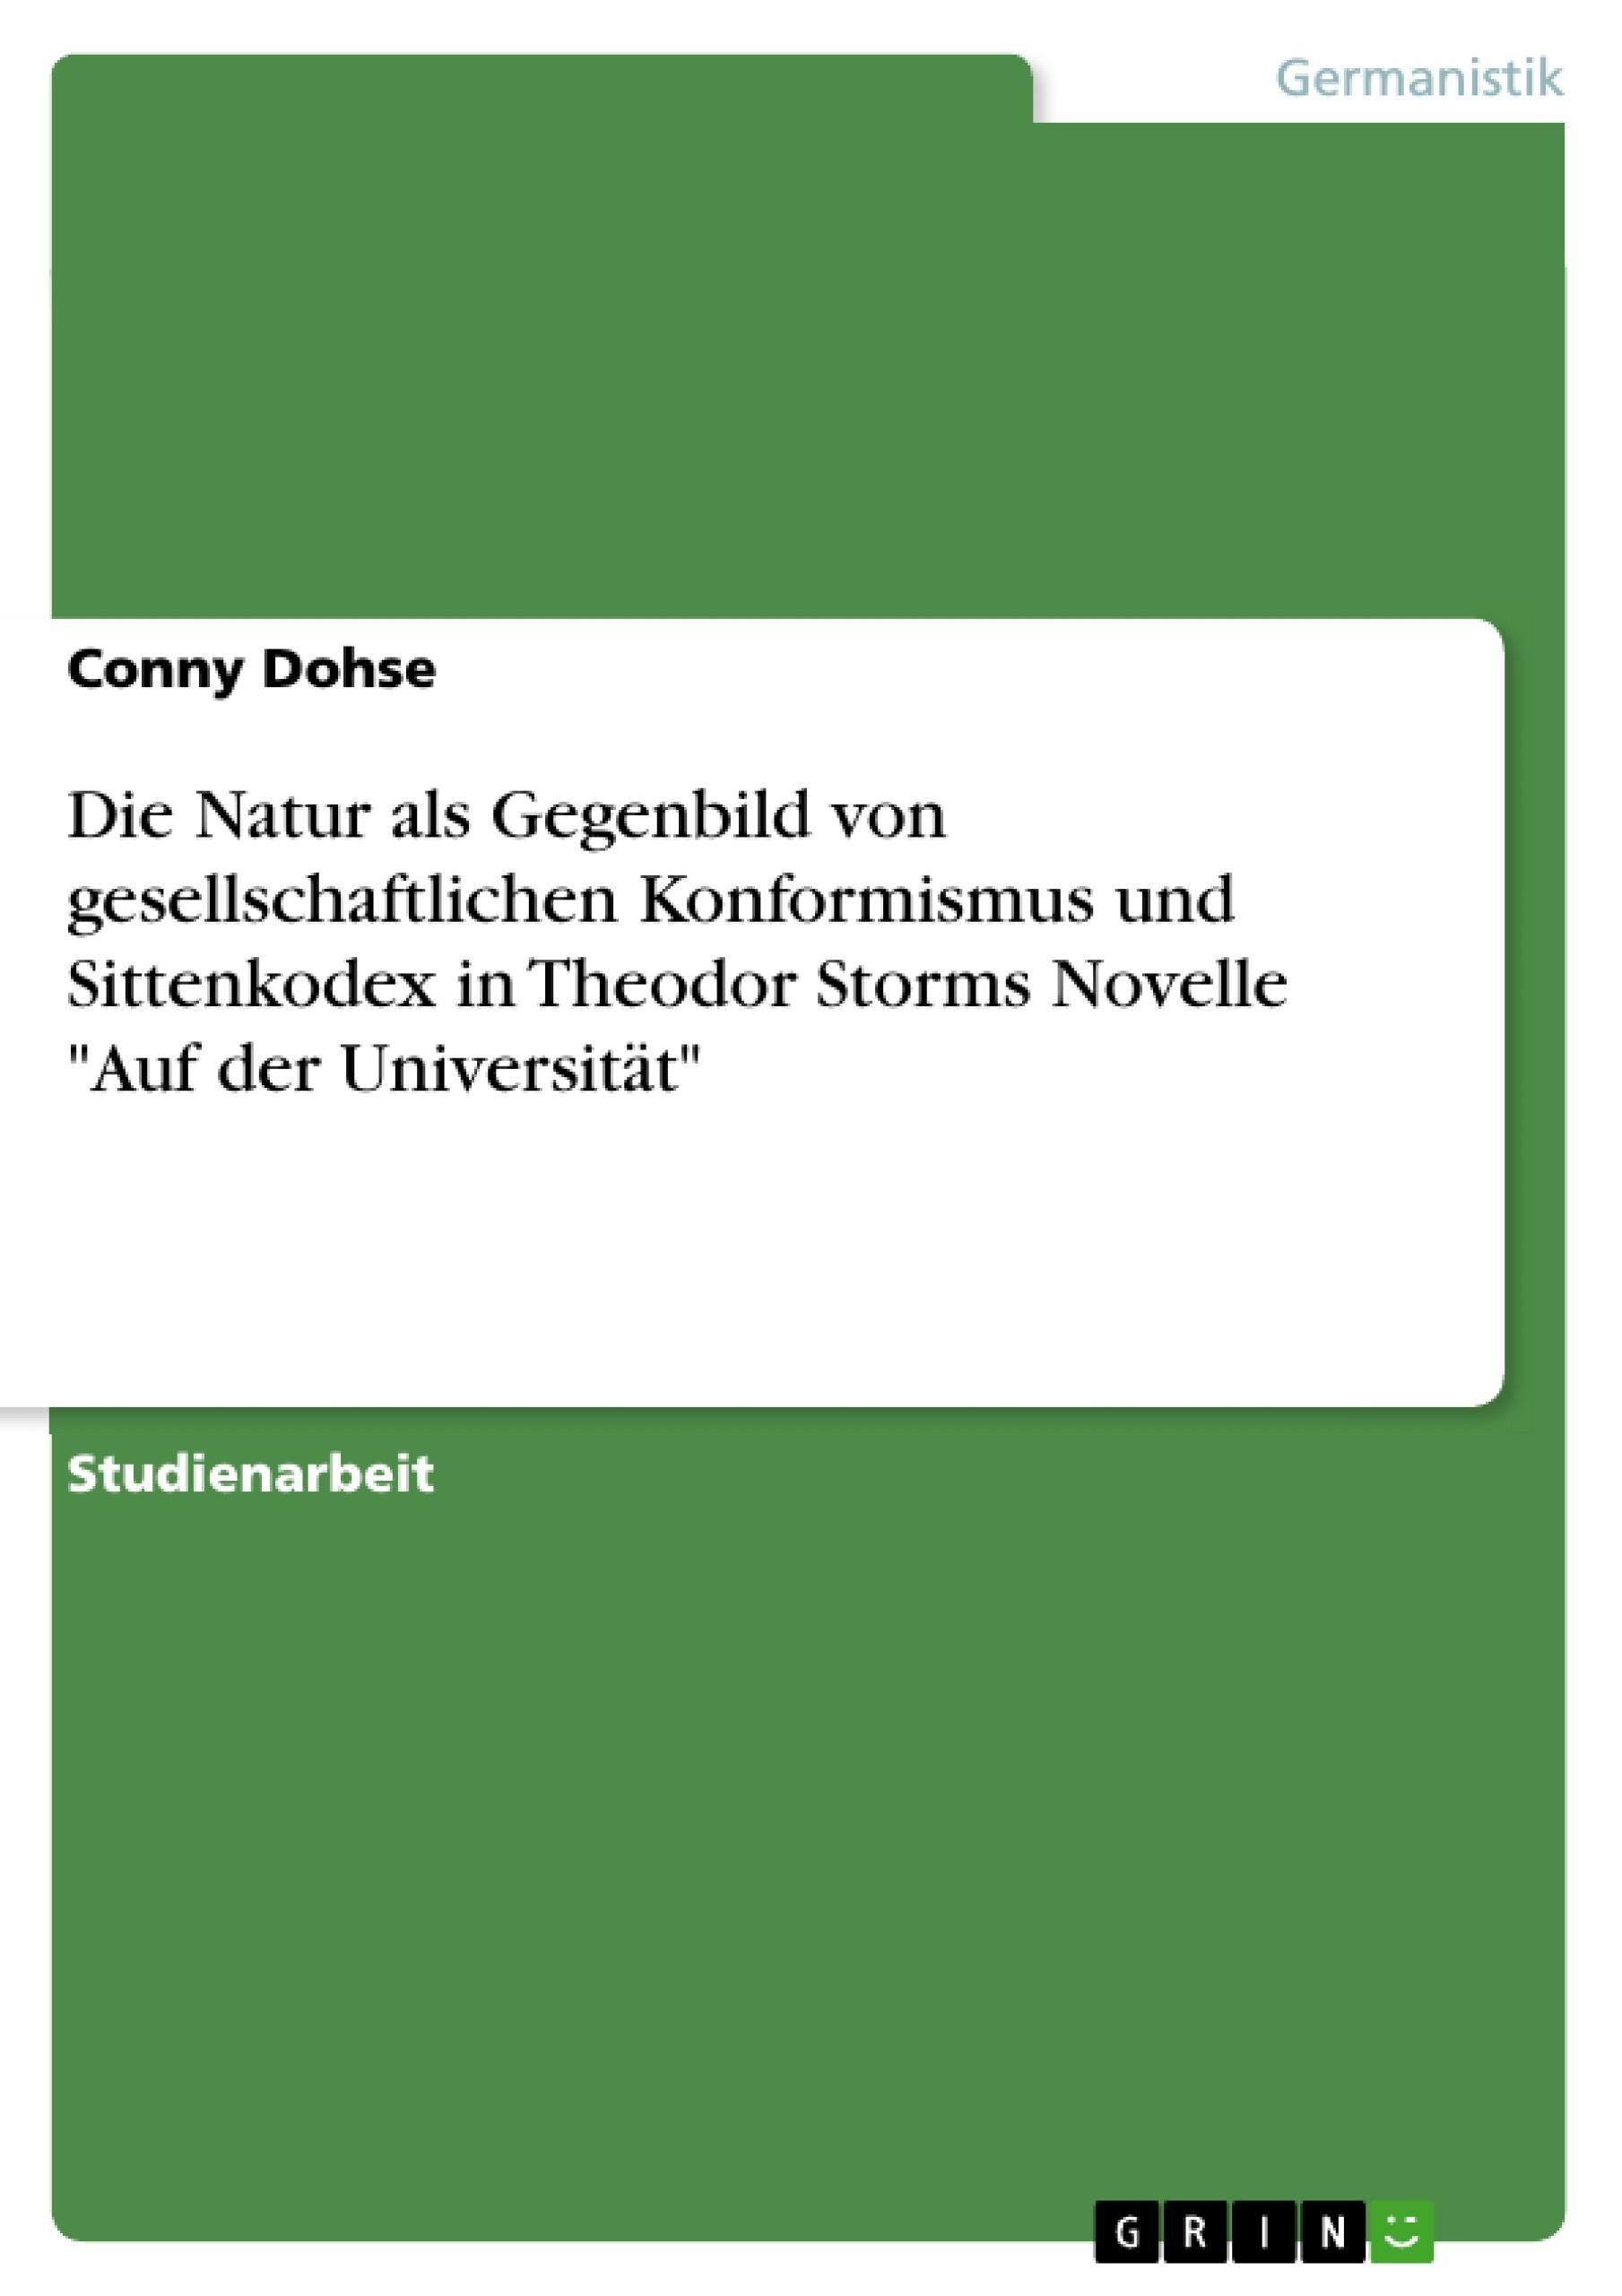 """Titel: Die Natur als Gegenbild von gesellschaftlichen Konformismus und Sittenkodex in  Theodor Storms Novelle """"Auf der Universität"""""""